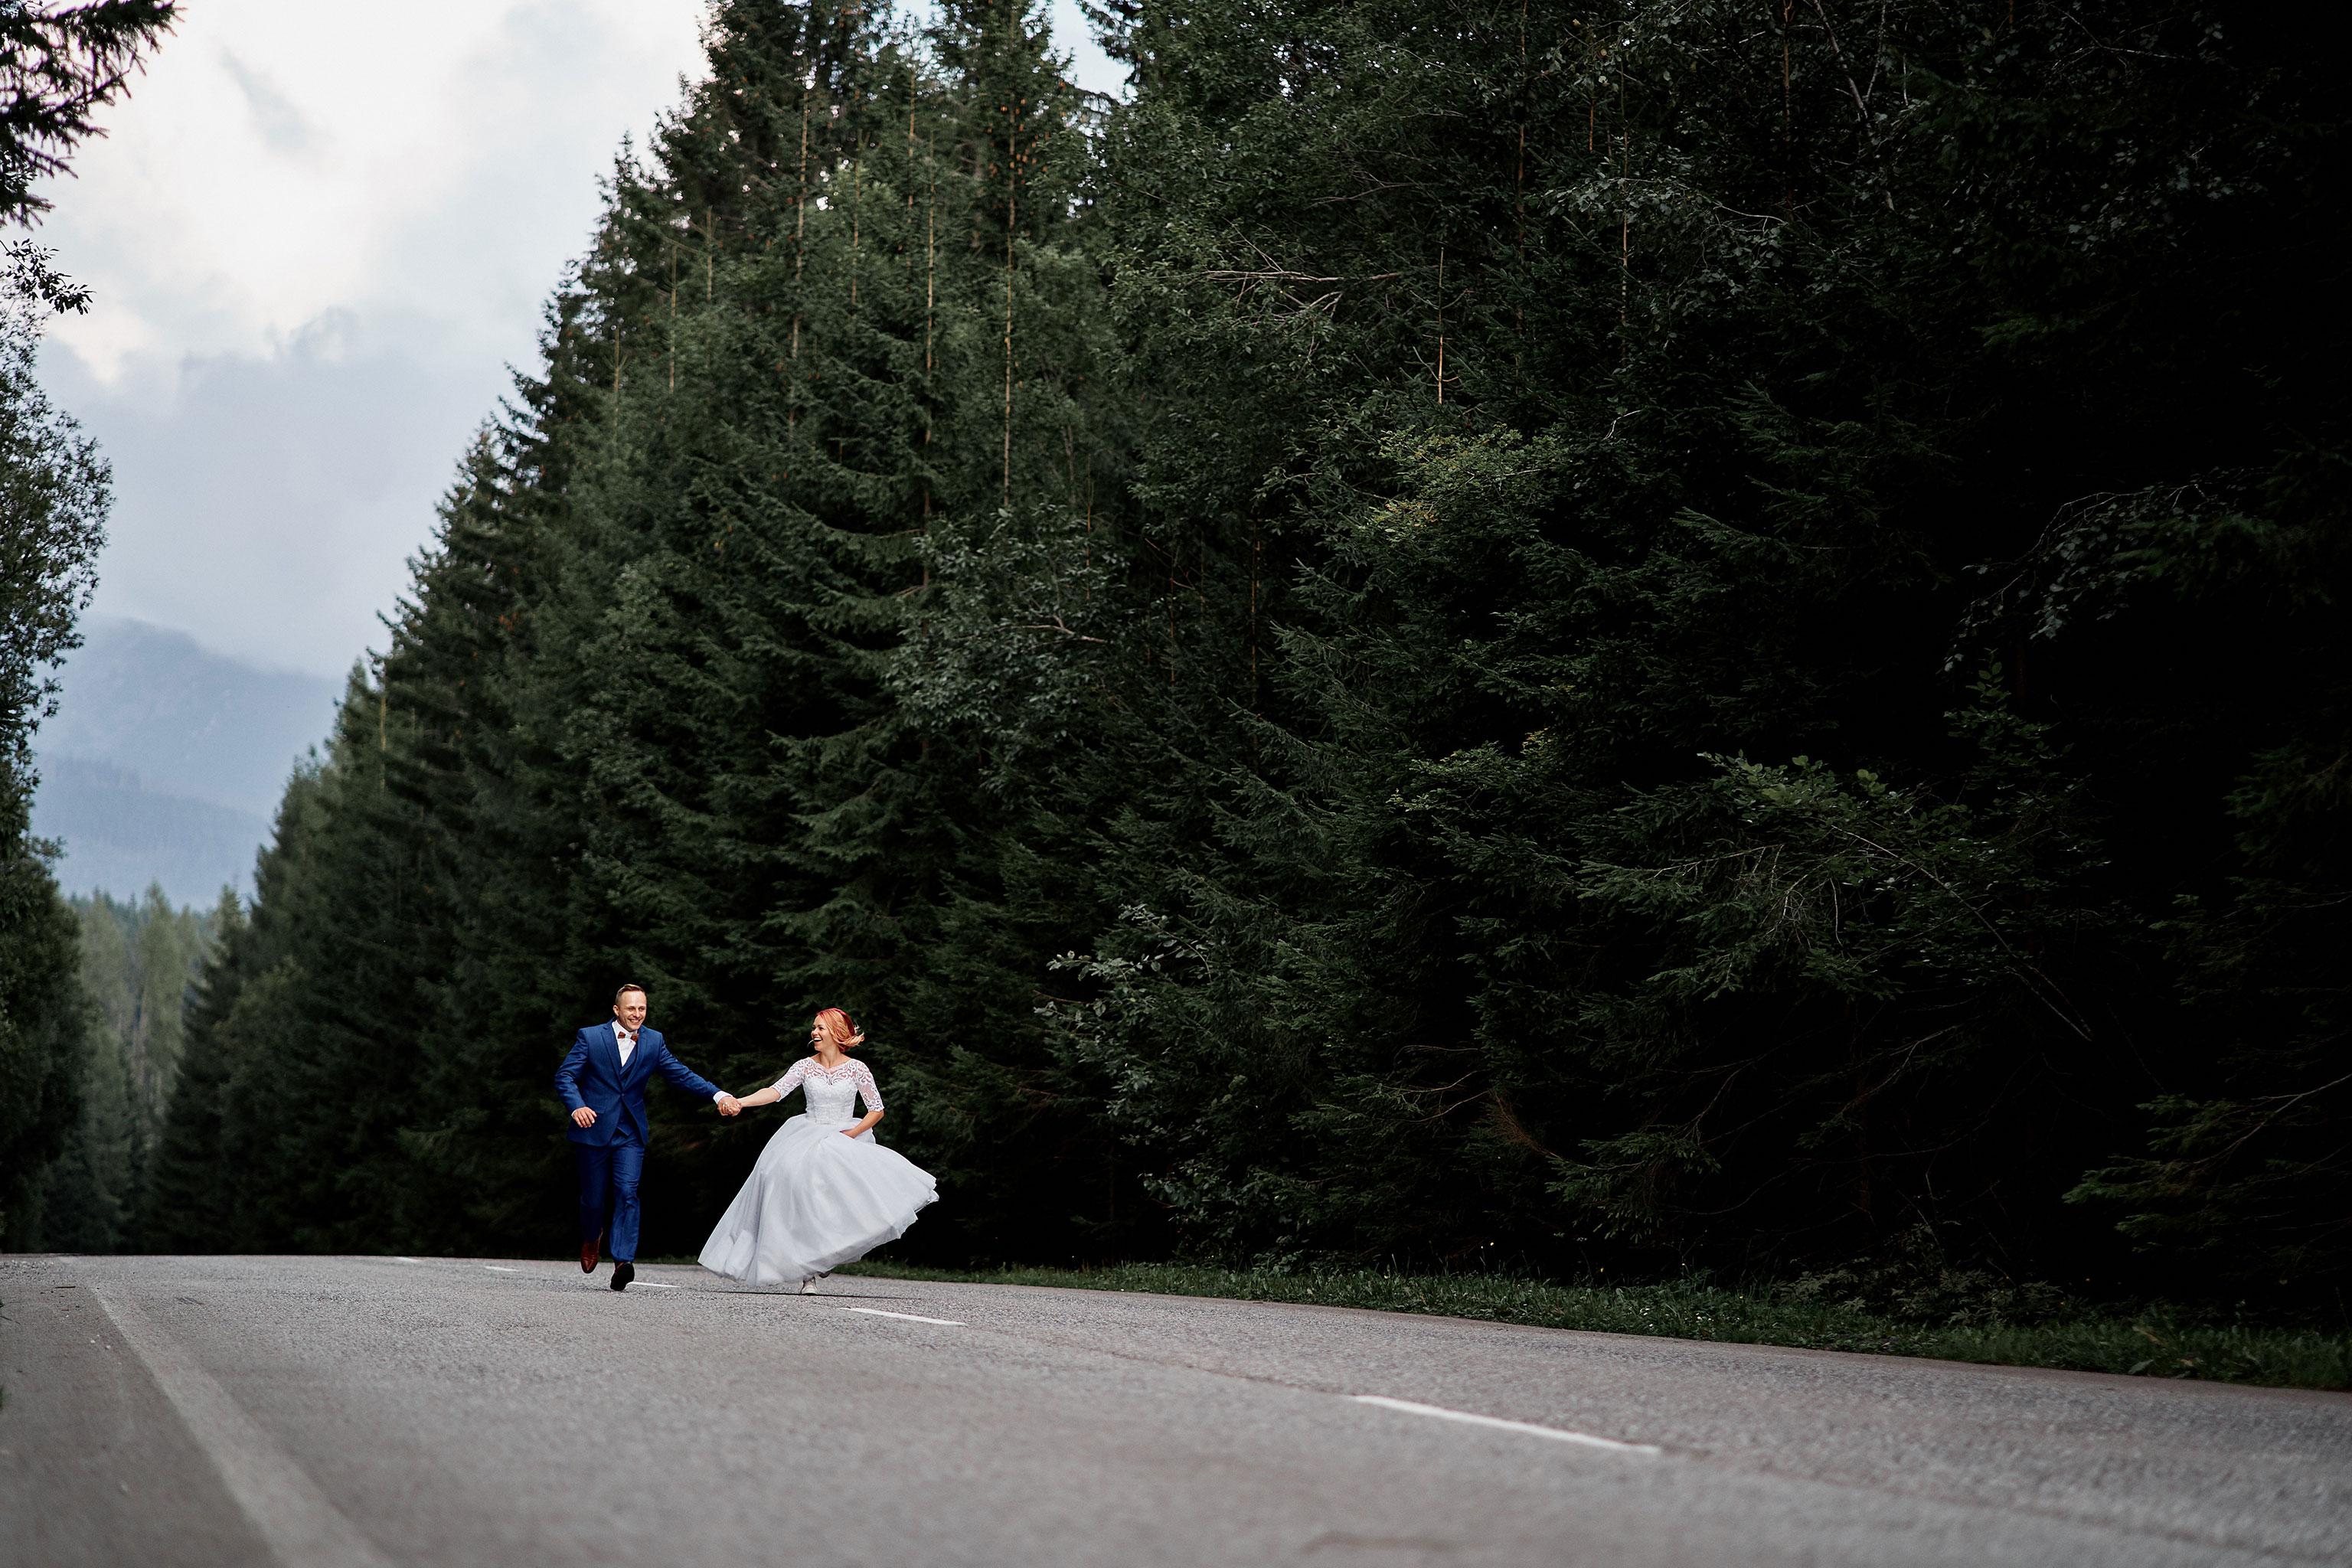 svadobný fotograf spis